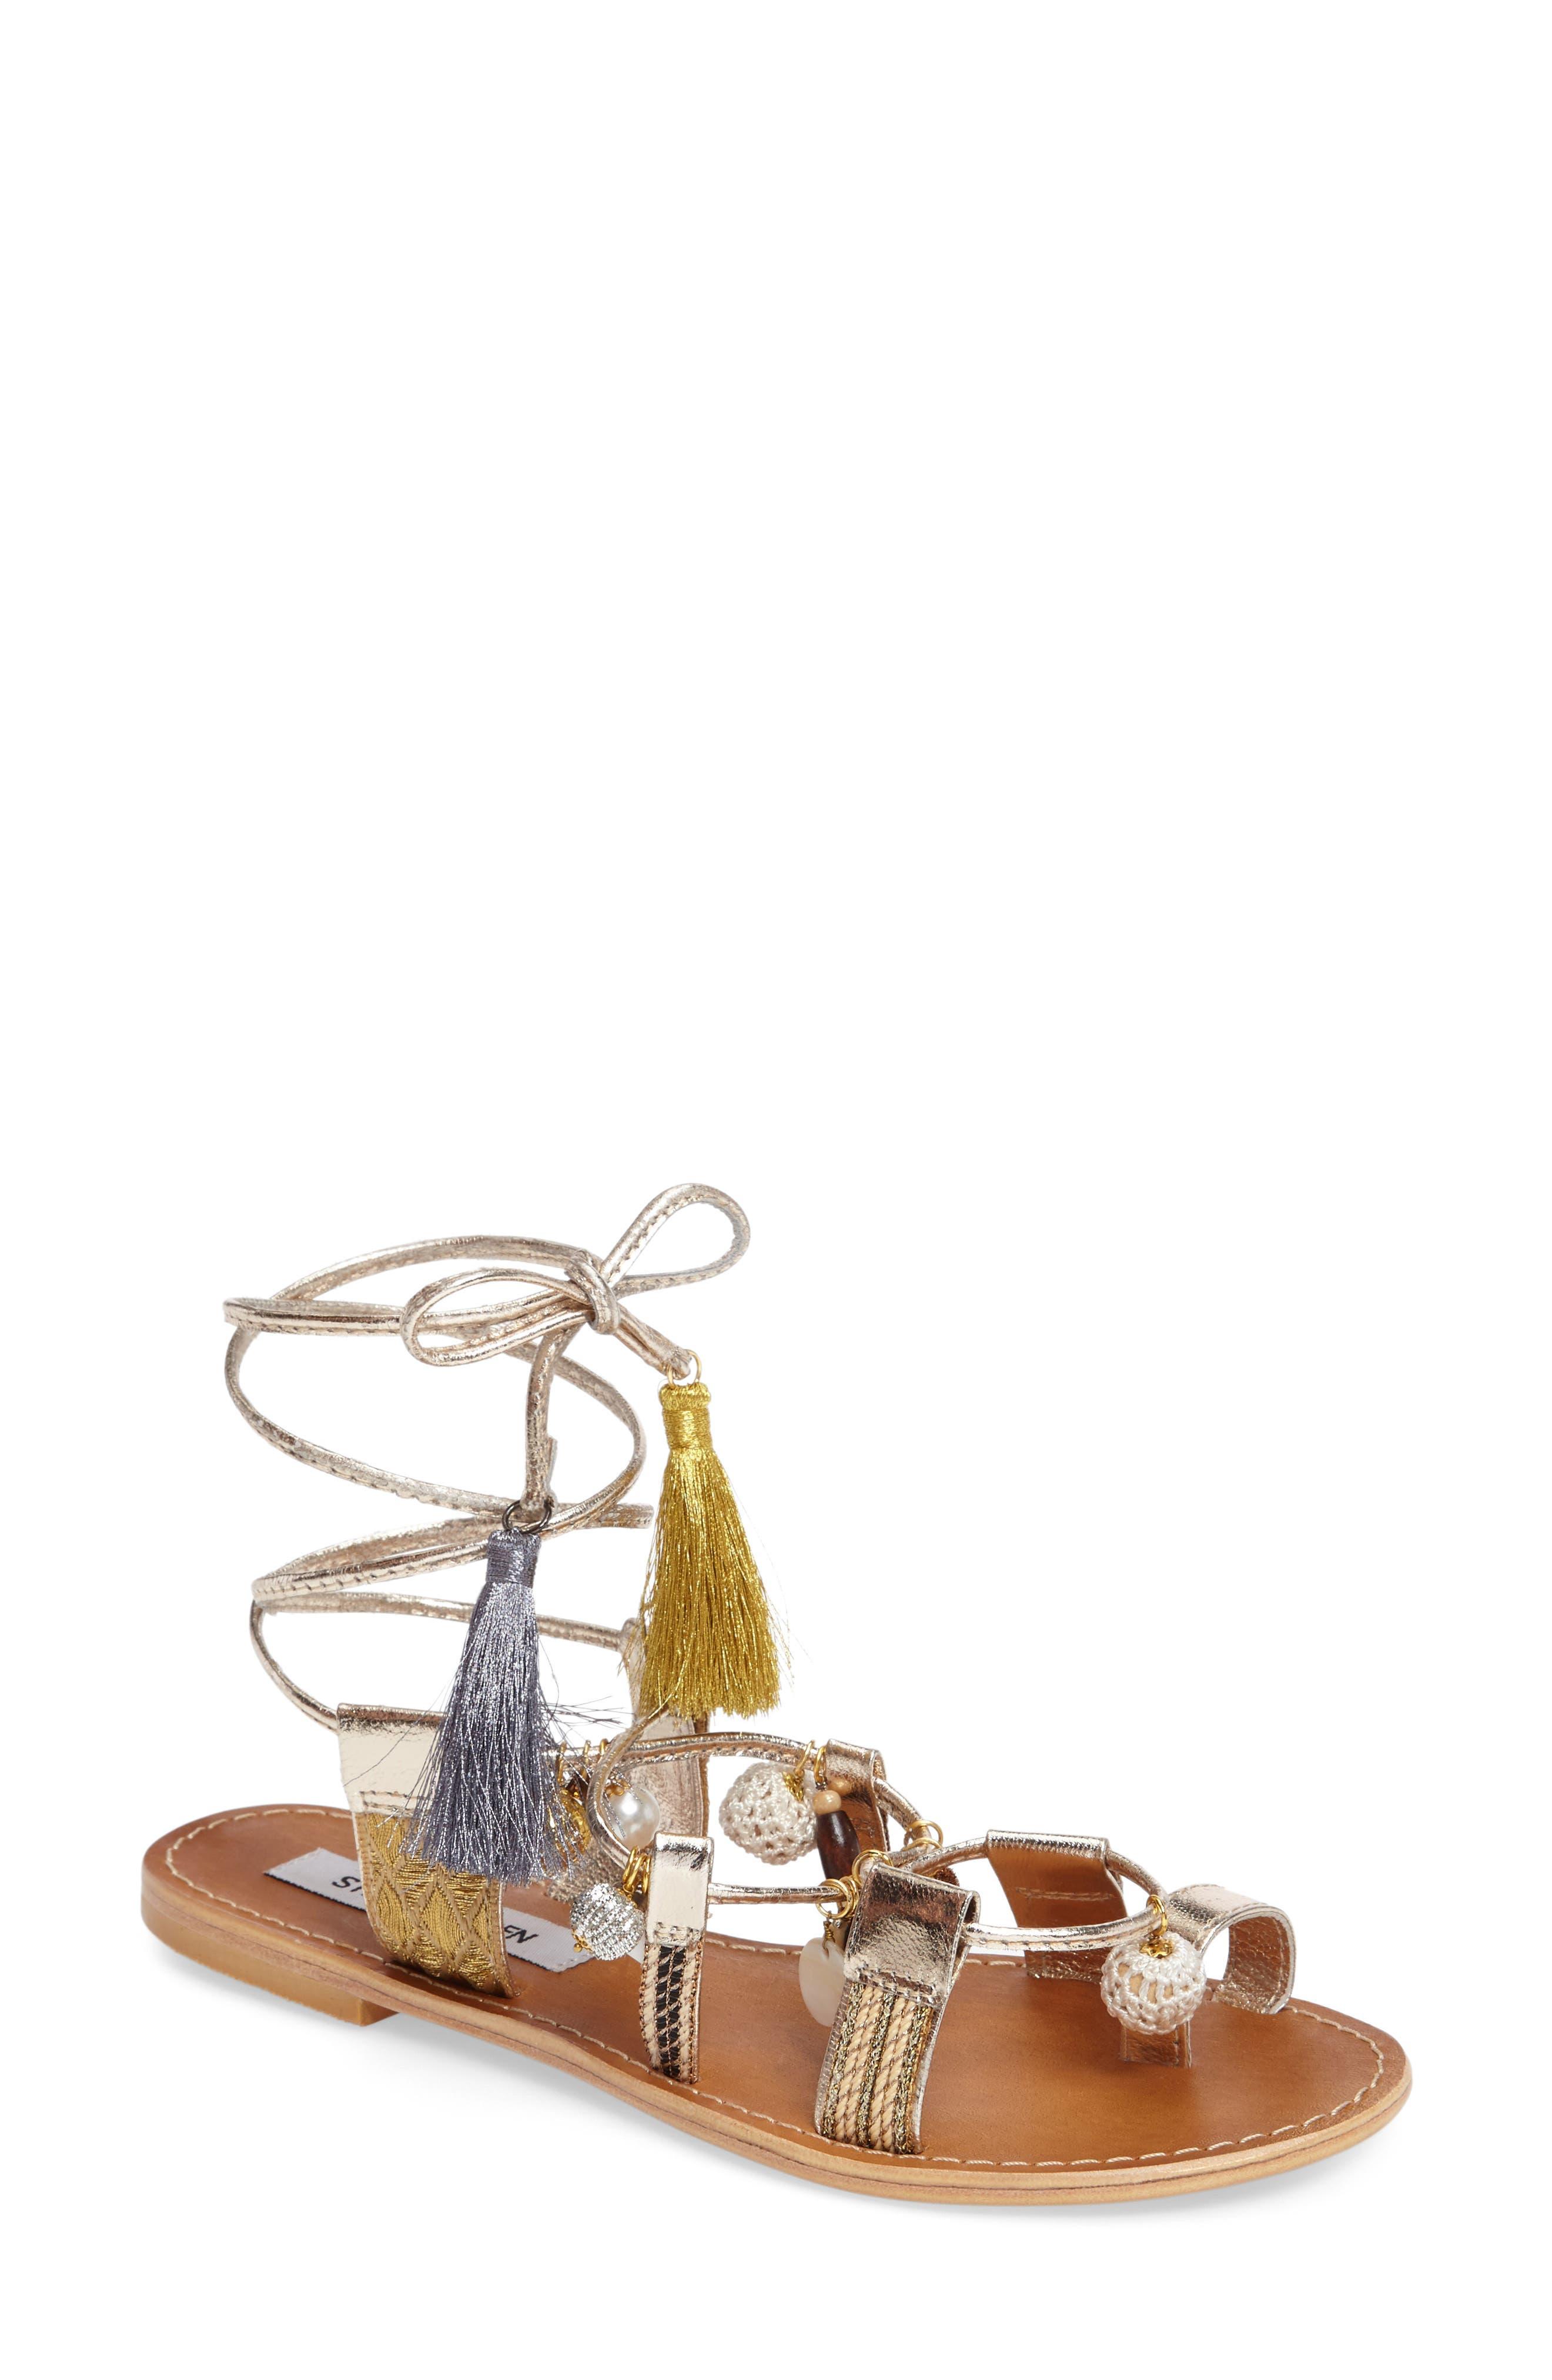 Rambel Embellished Gladiator Sandal, Main, color, 710